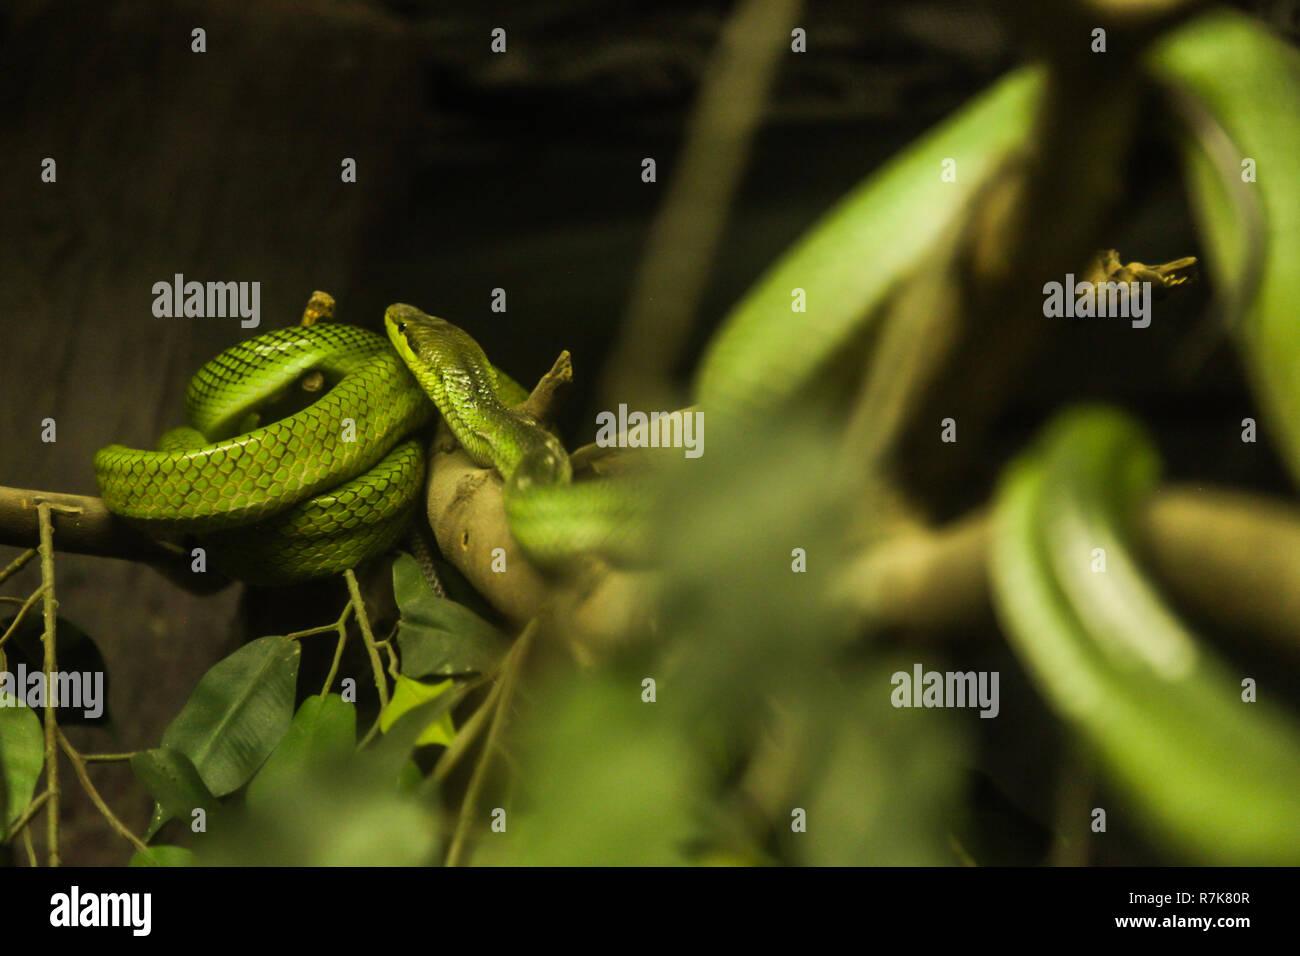 Weiss Lippigen Pit Viper Ist Eine Giftige Bambusotter Arten